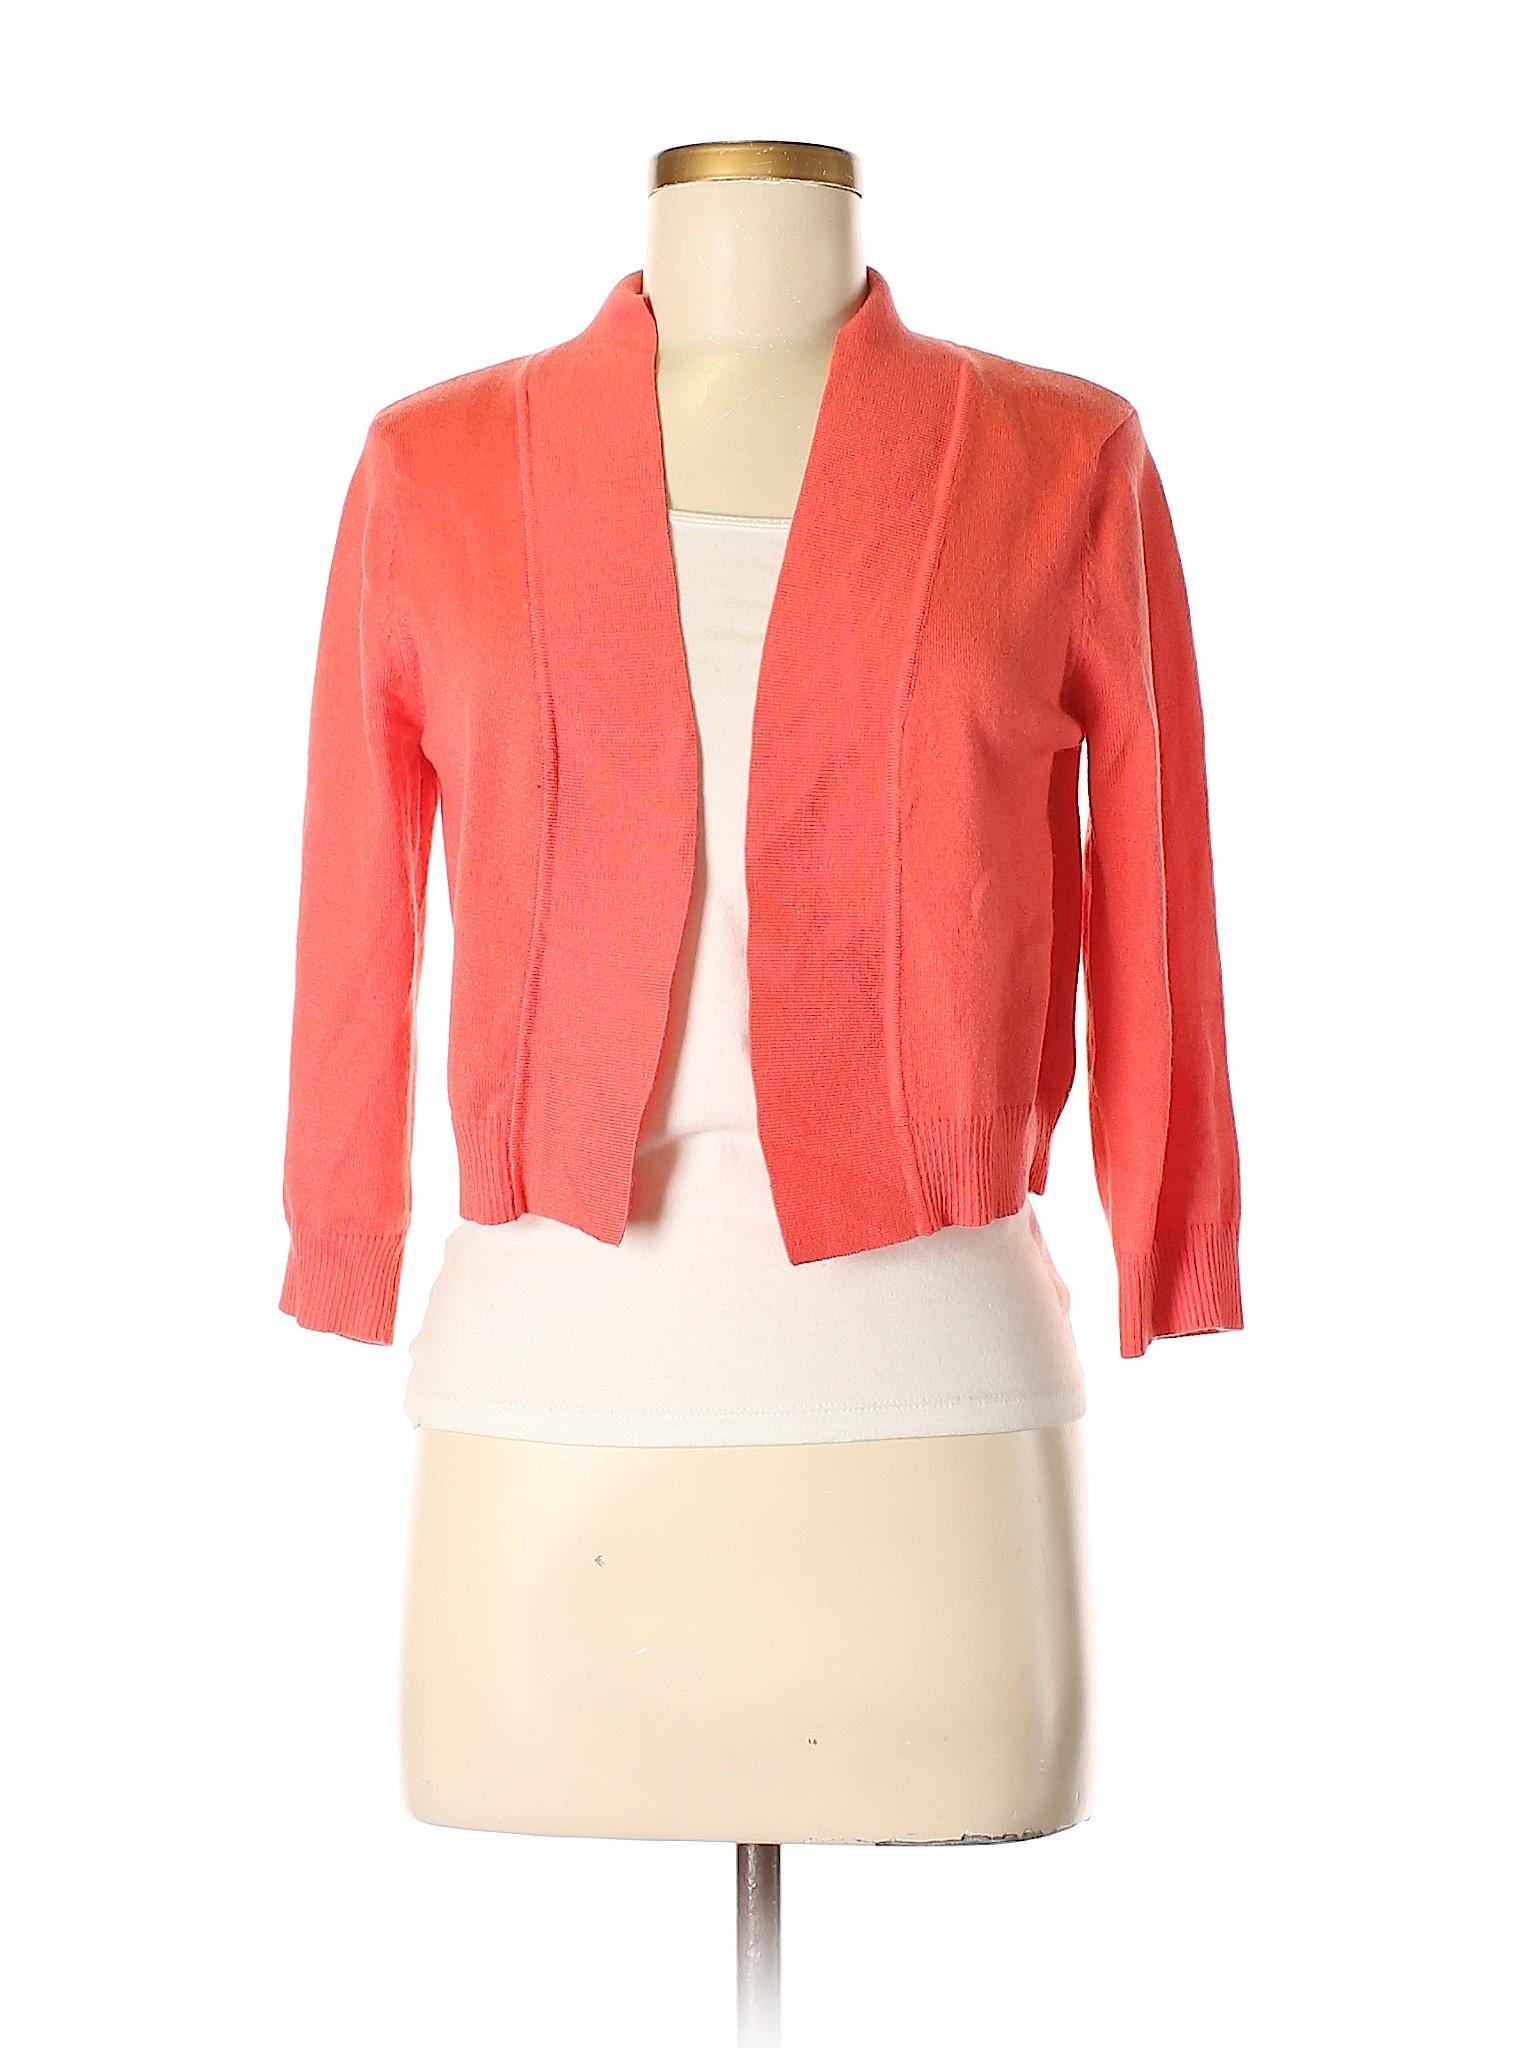 d0f31a2c763 Boutique winter Cardigan Boutique Nicole Nicole winter Ronni Ronni qRx5t4w0  ...